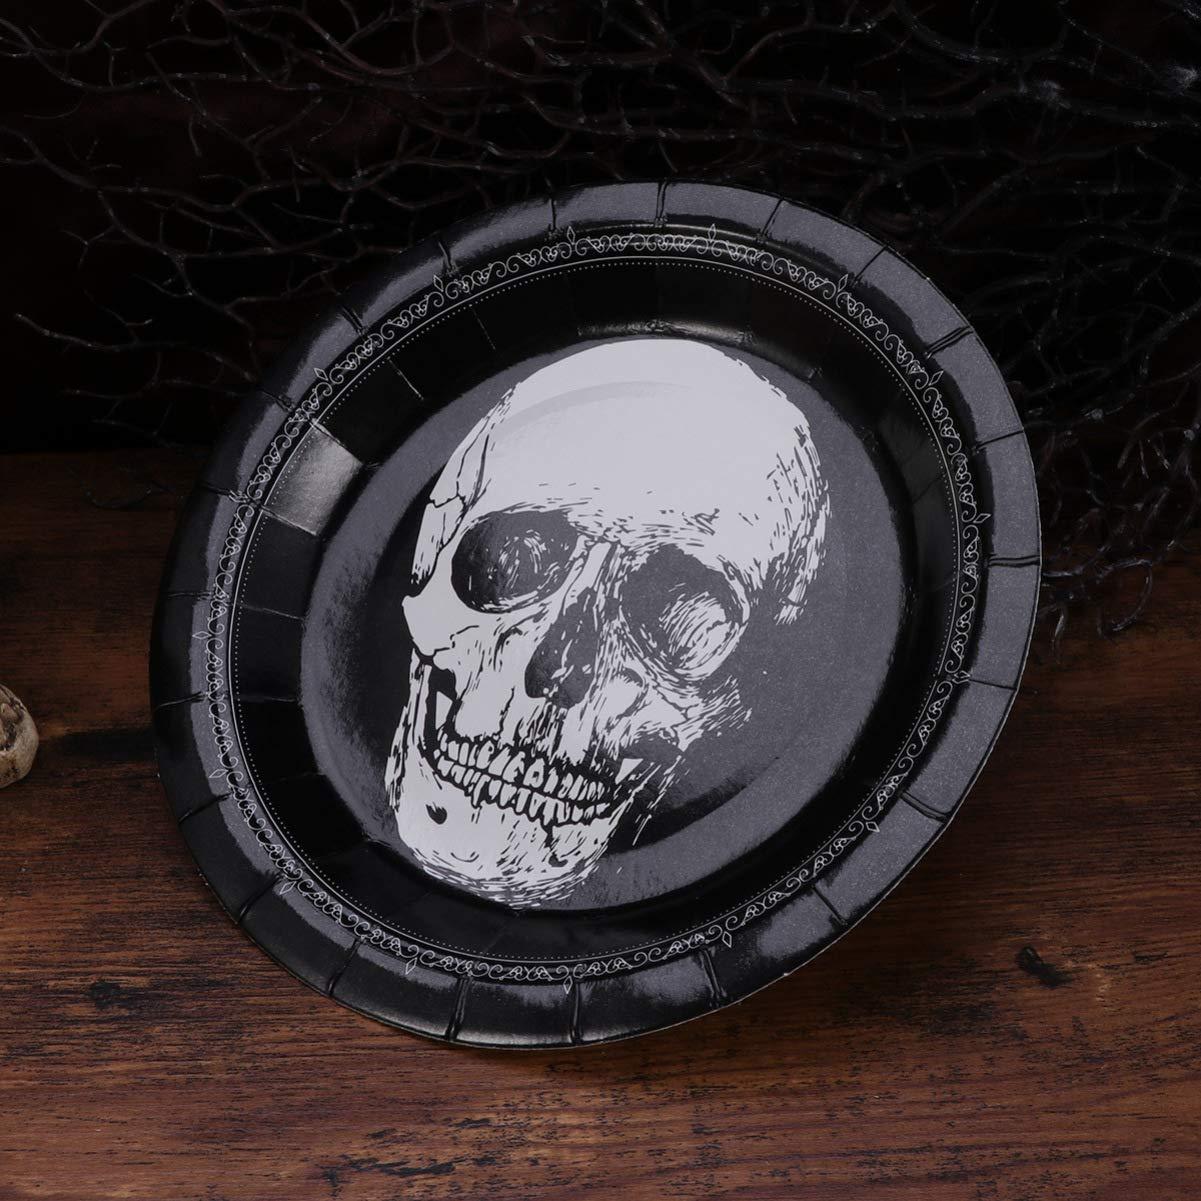 UPKOCH 20 Piezas Platos de Halloween Platos Desechables Platos de Papel con patr/ón de Calavera favores de Fiesta de Halloween